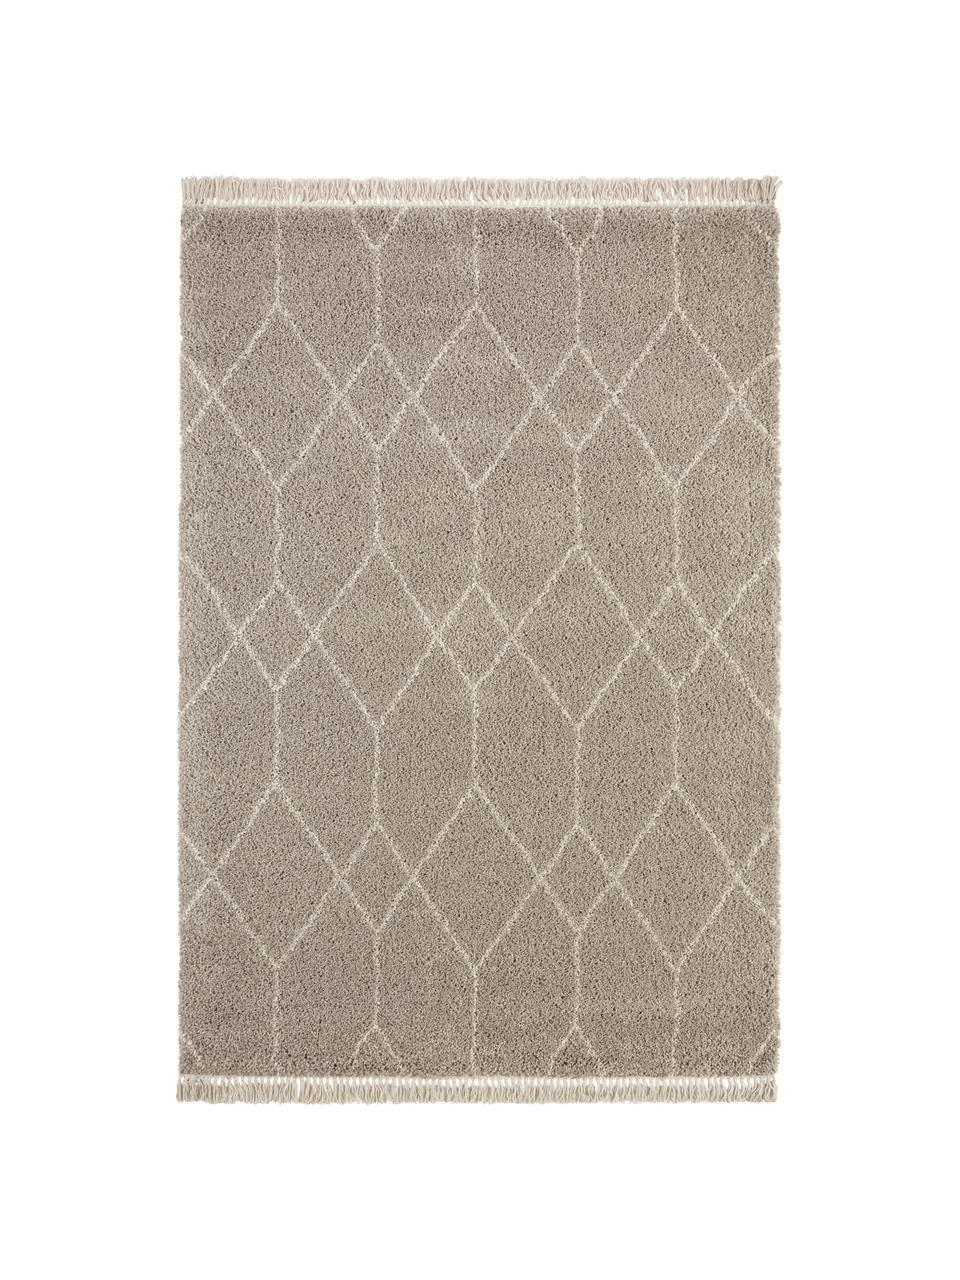 Tappeto a pelo lungo color beige/grigio con motivo grafico Mila, 100% polipropilene, Beige, grigio, Larg. 80 x Lung. 150 cm (taglia XS)